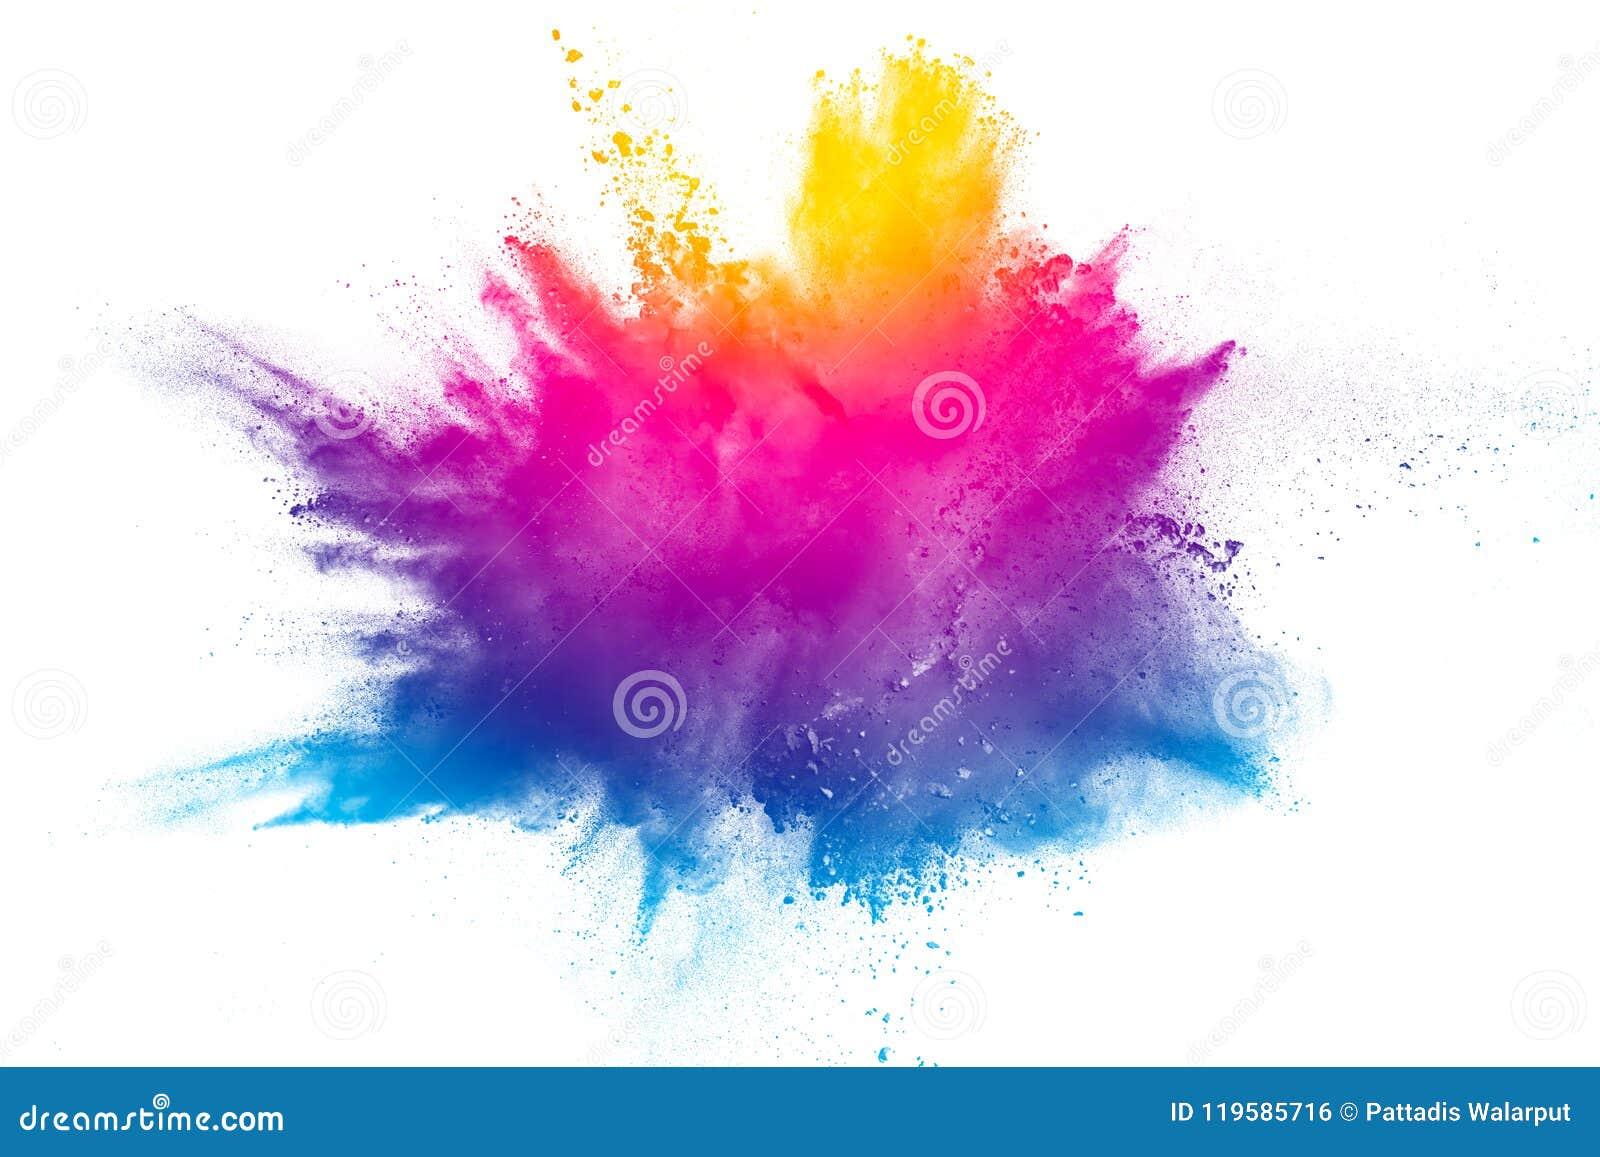 Explosão do pó da cor do arco-íris no fundo branco